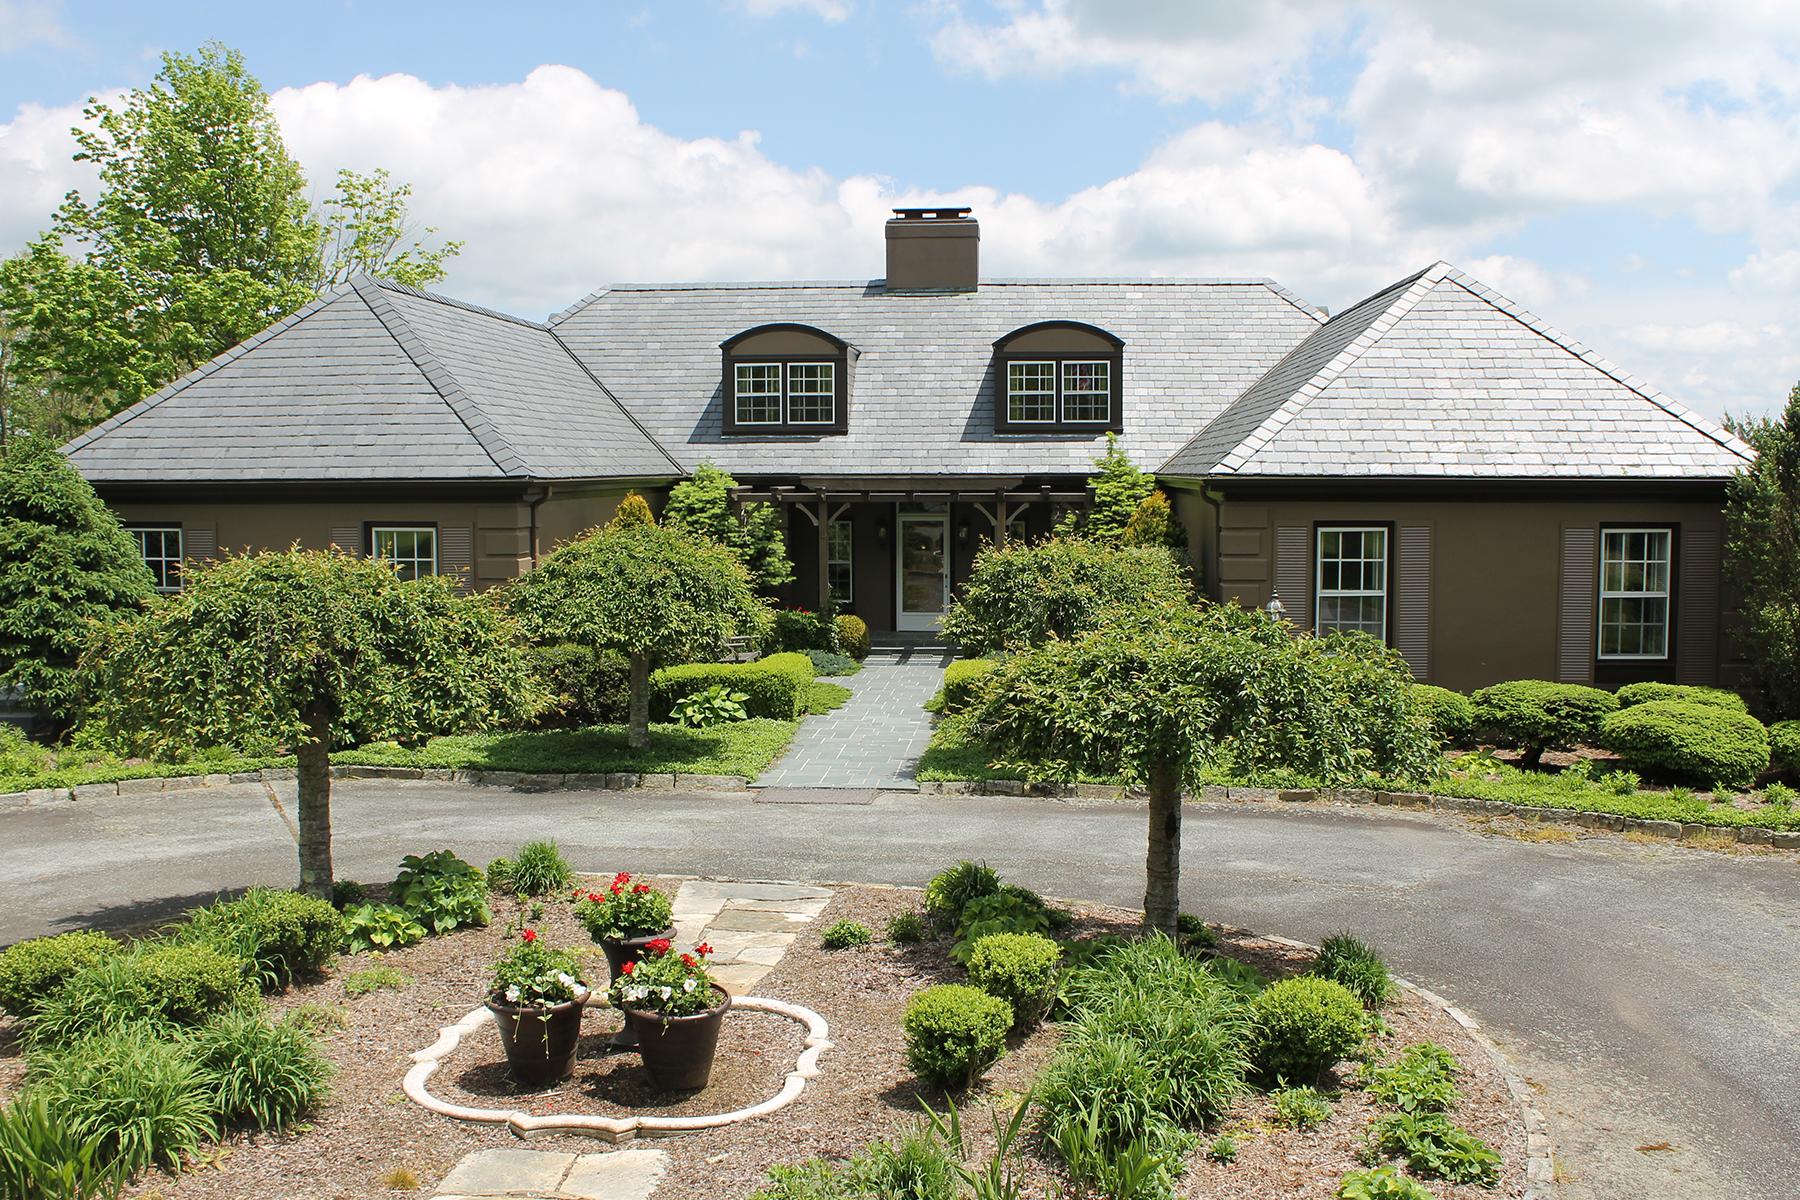 Casa Unifamiliar por un Venta en BLOWING ROCK 1799 Flat Top Rd Blowing Rock, Carolina Del Norte, 28605 Estados Unidos